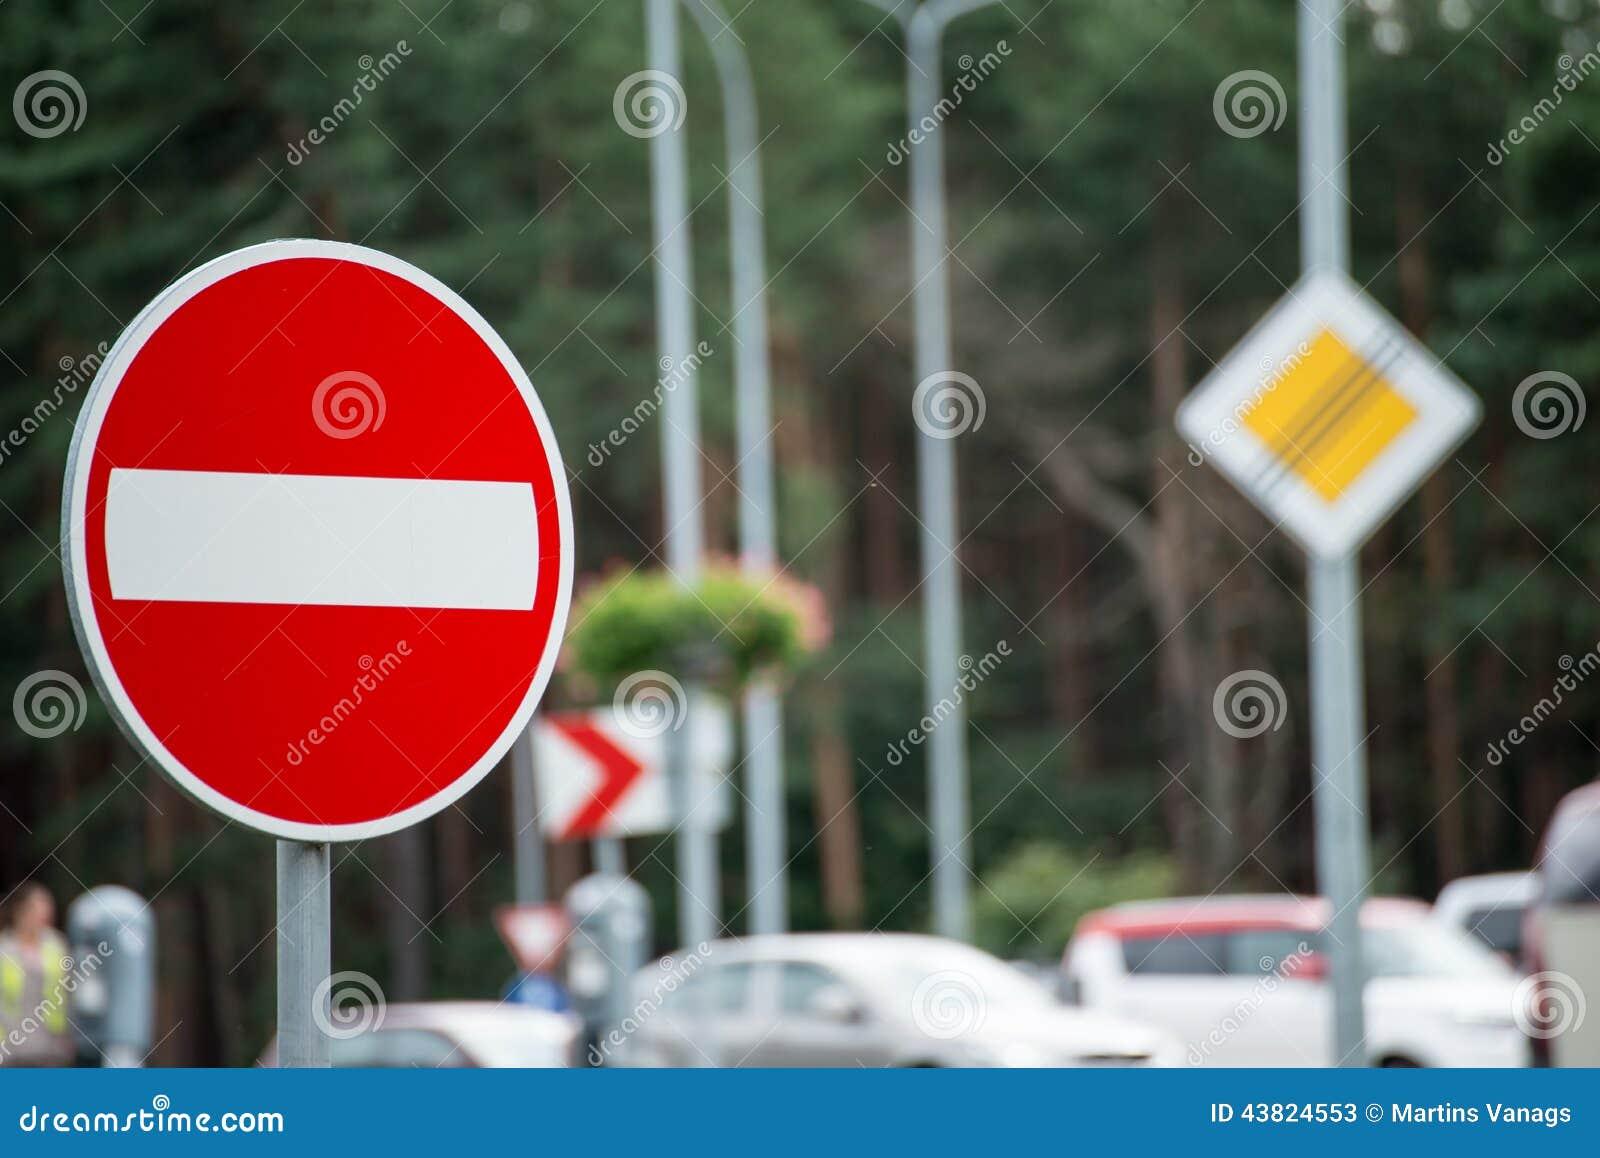 Verkehrsschilder und Linien auf Asphalt